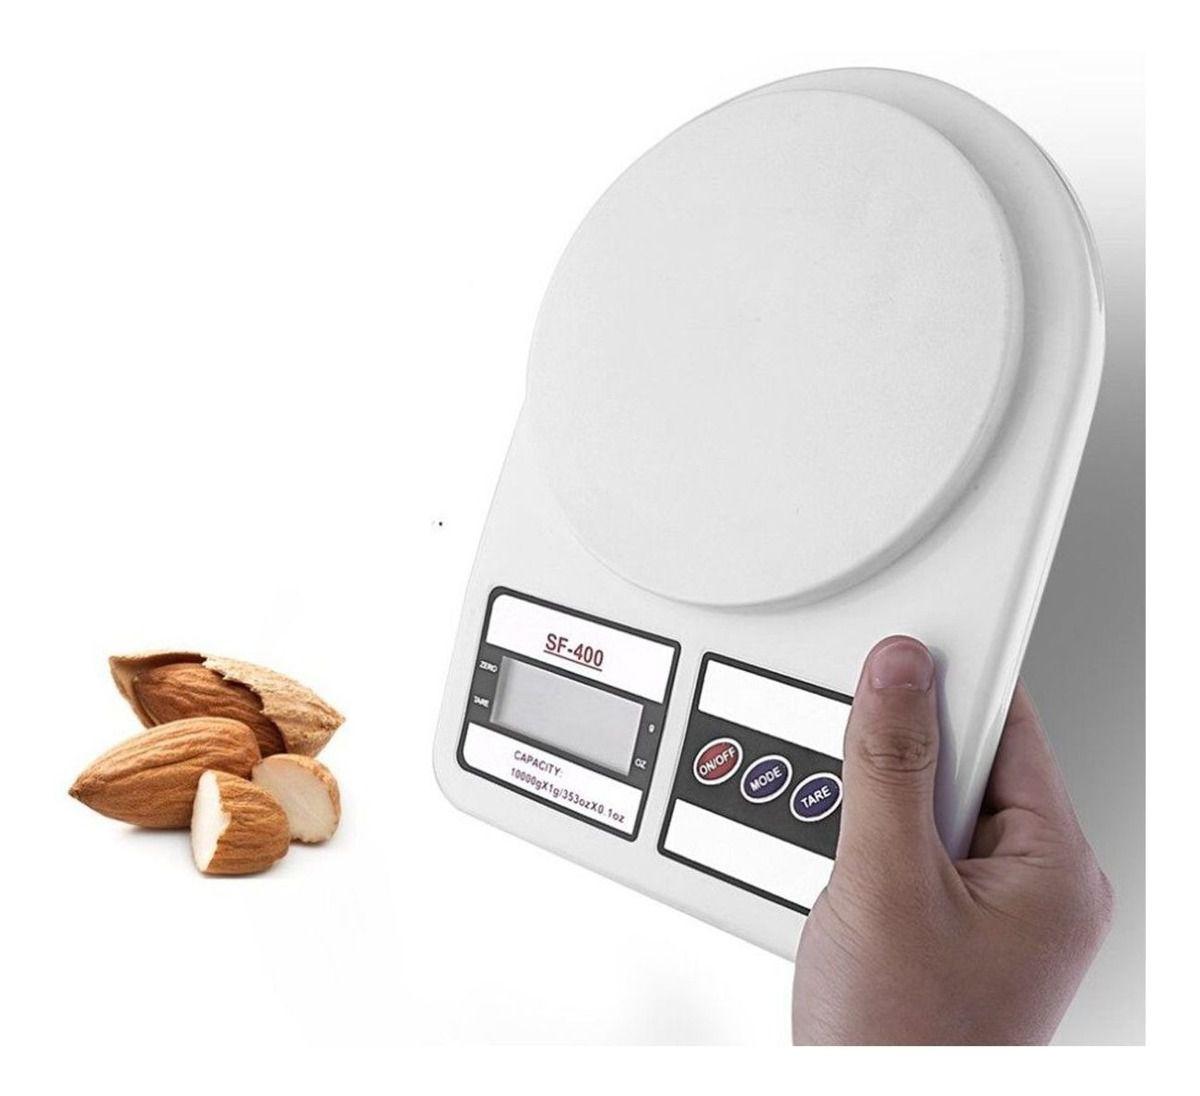 Balança Digital de Cozinha Alta Precisão 1gr Até 10Kg Aiker SF-401